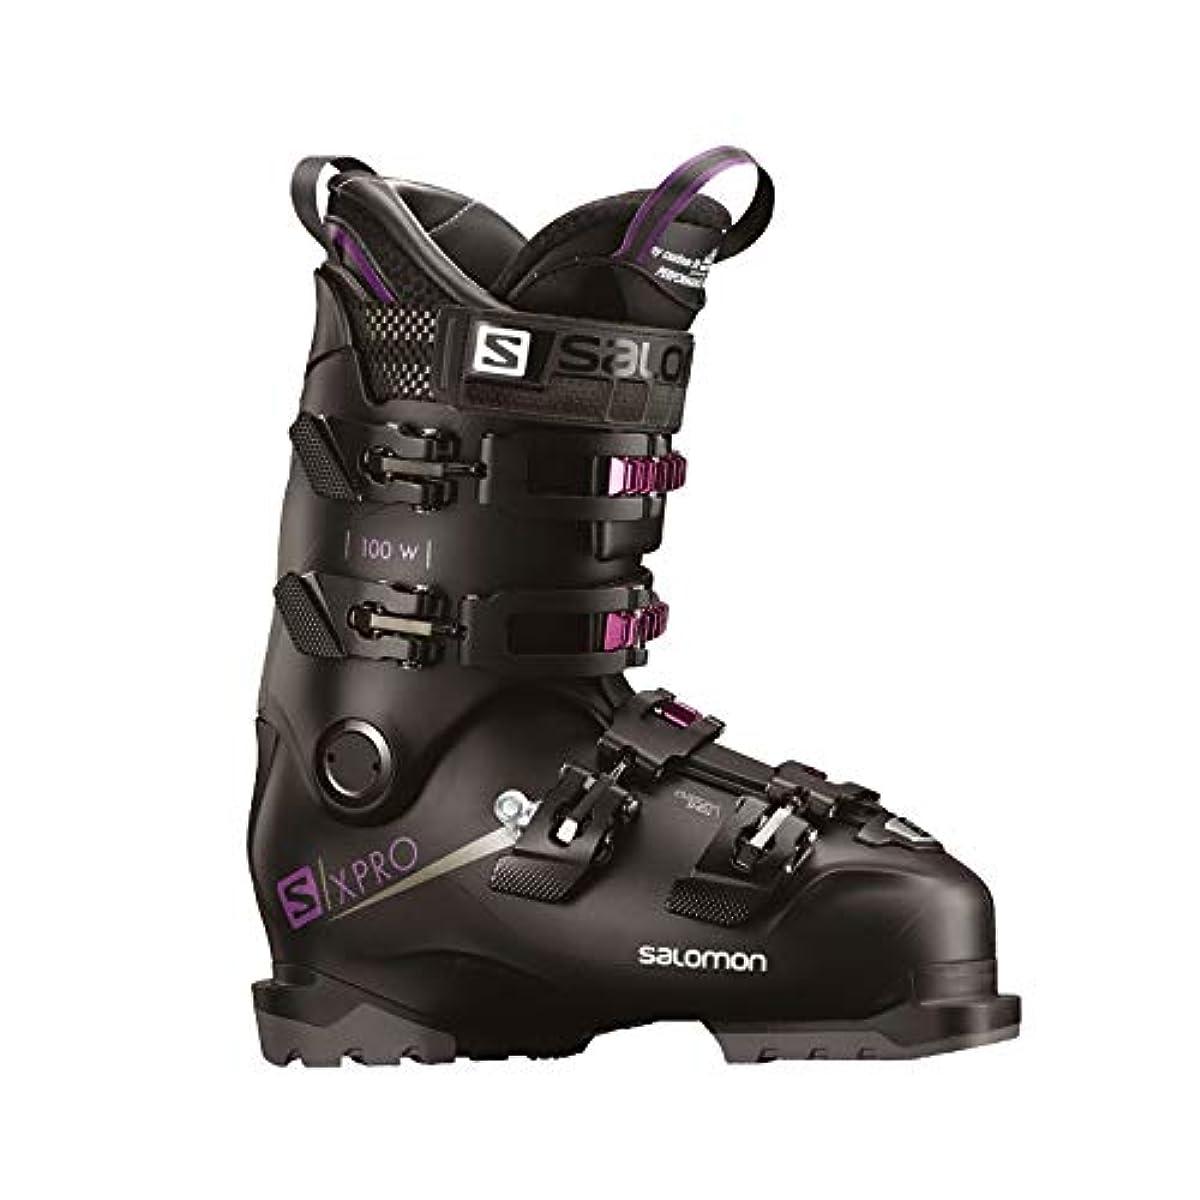 [해외] 살로몬SALOMON 스키화 레이디스 X PRO 100 W X 프로 100 22~24.5CM 2018-19년 모델 L40551600